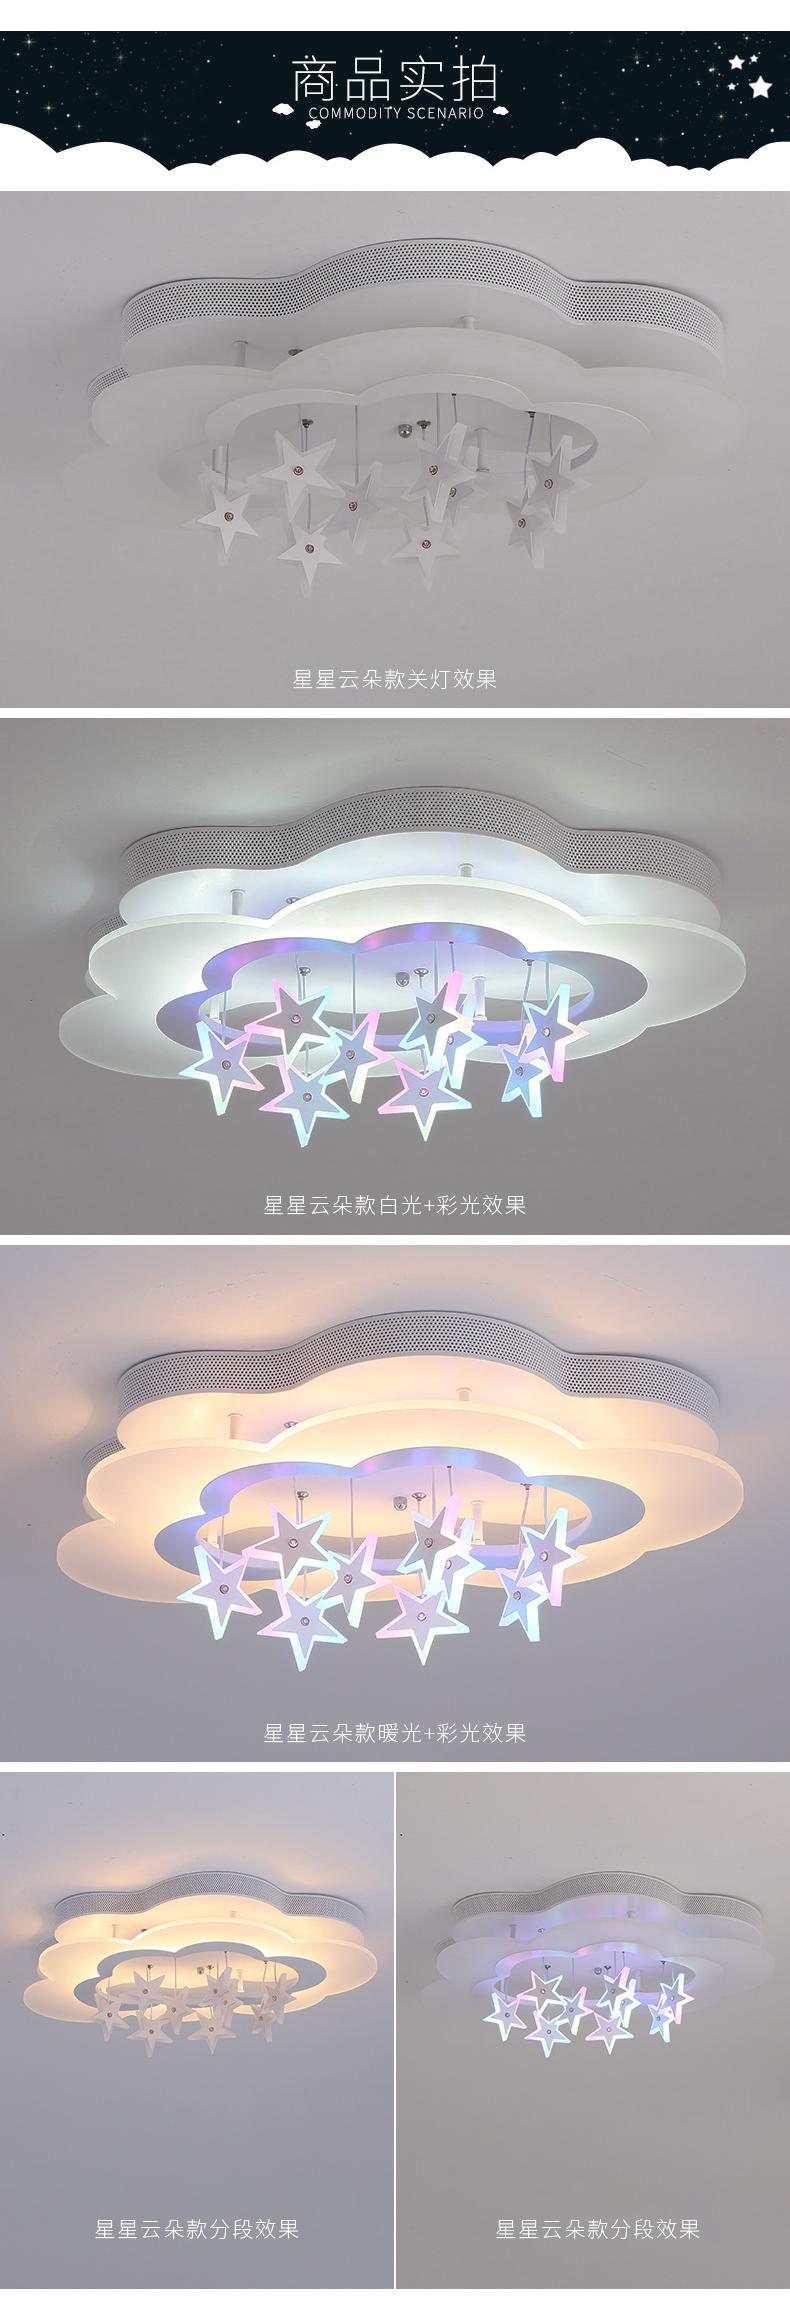 Đèn tường Mây sao phòng trẻ em đèn phòng ngủ đèn trần đơn giản phim hoạt hình hiện đại sáng tạo màu